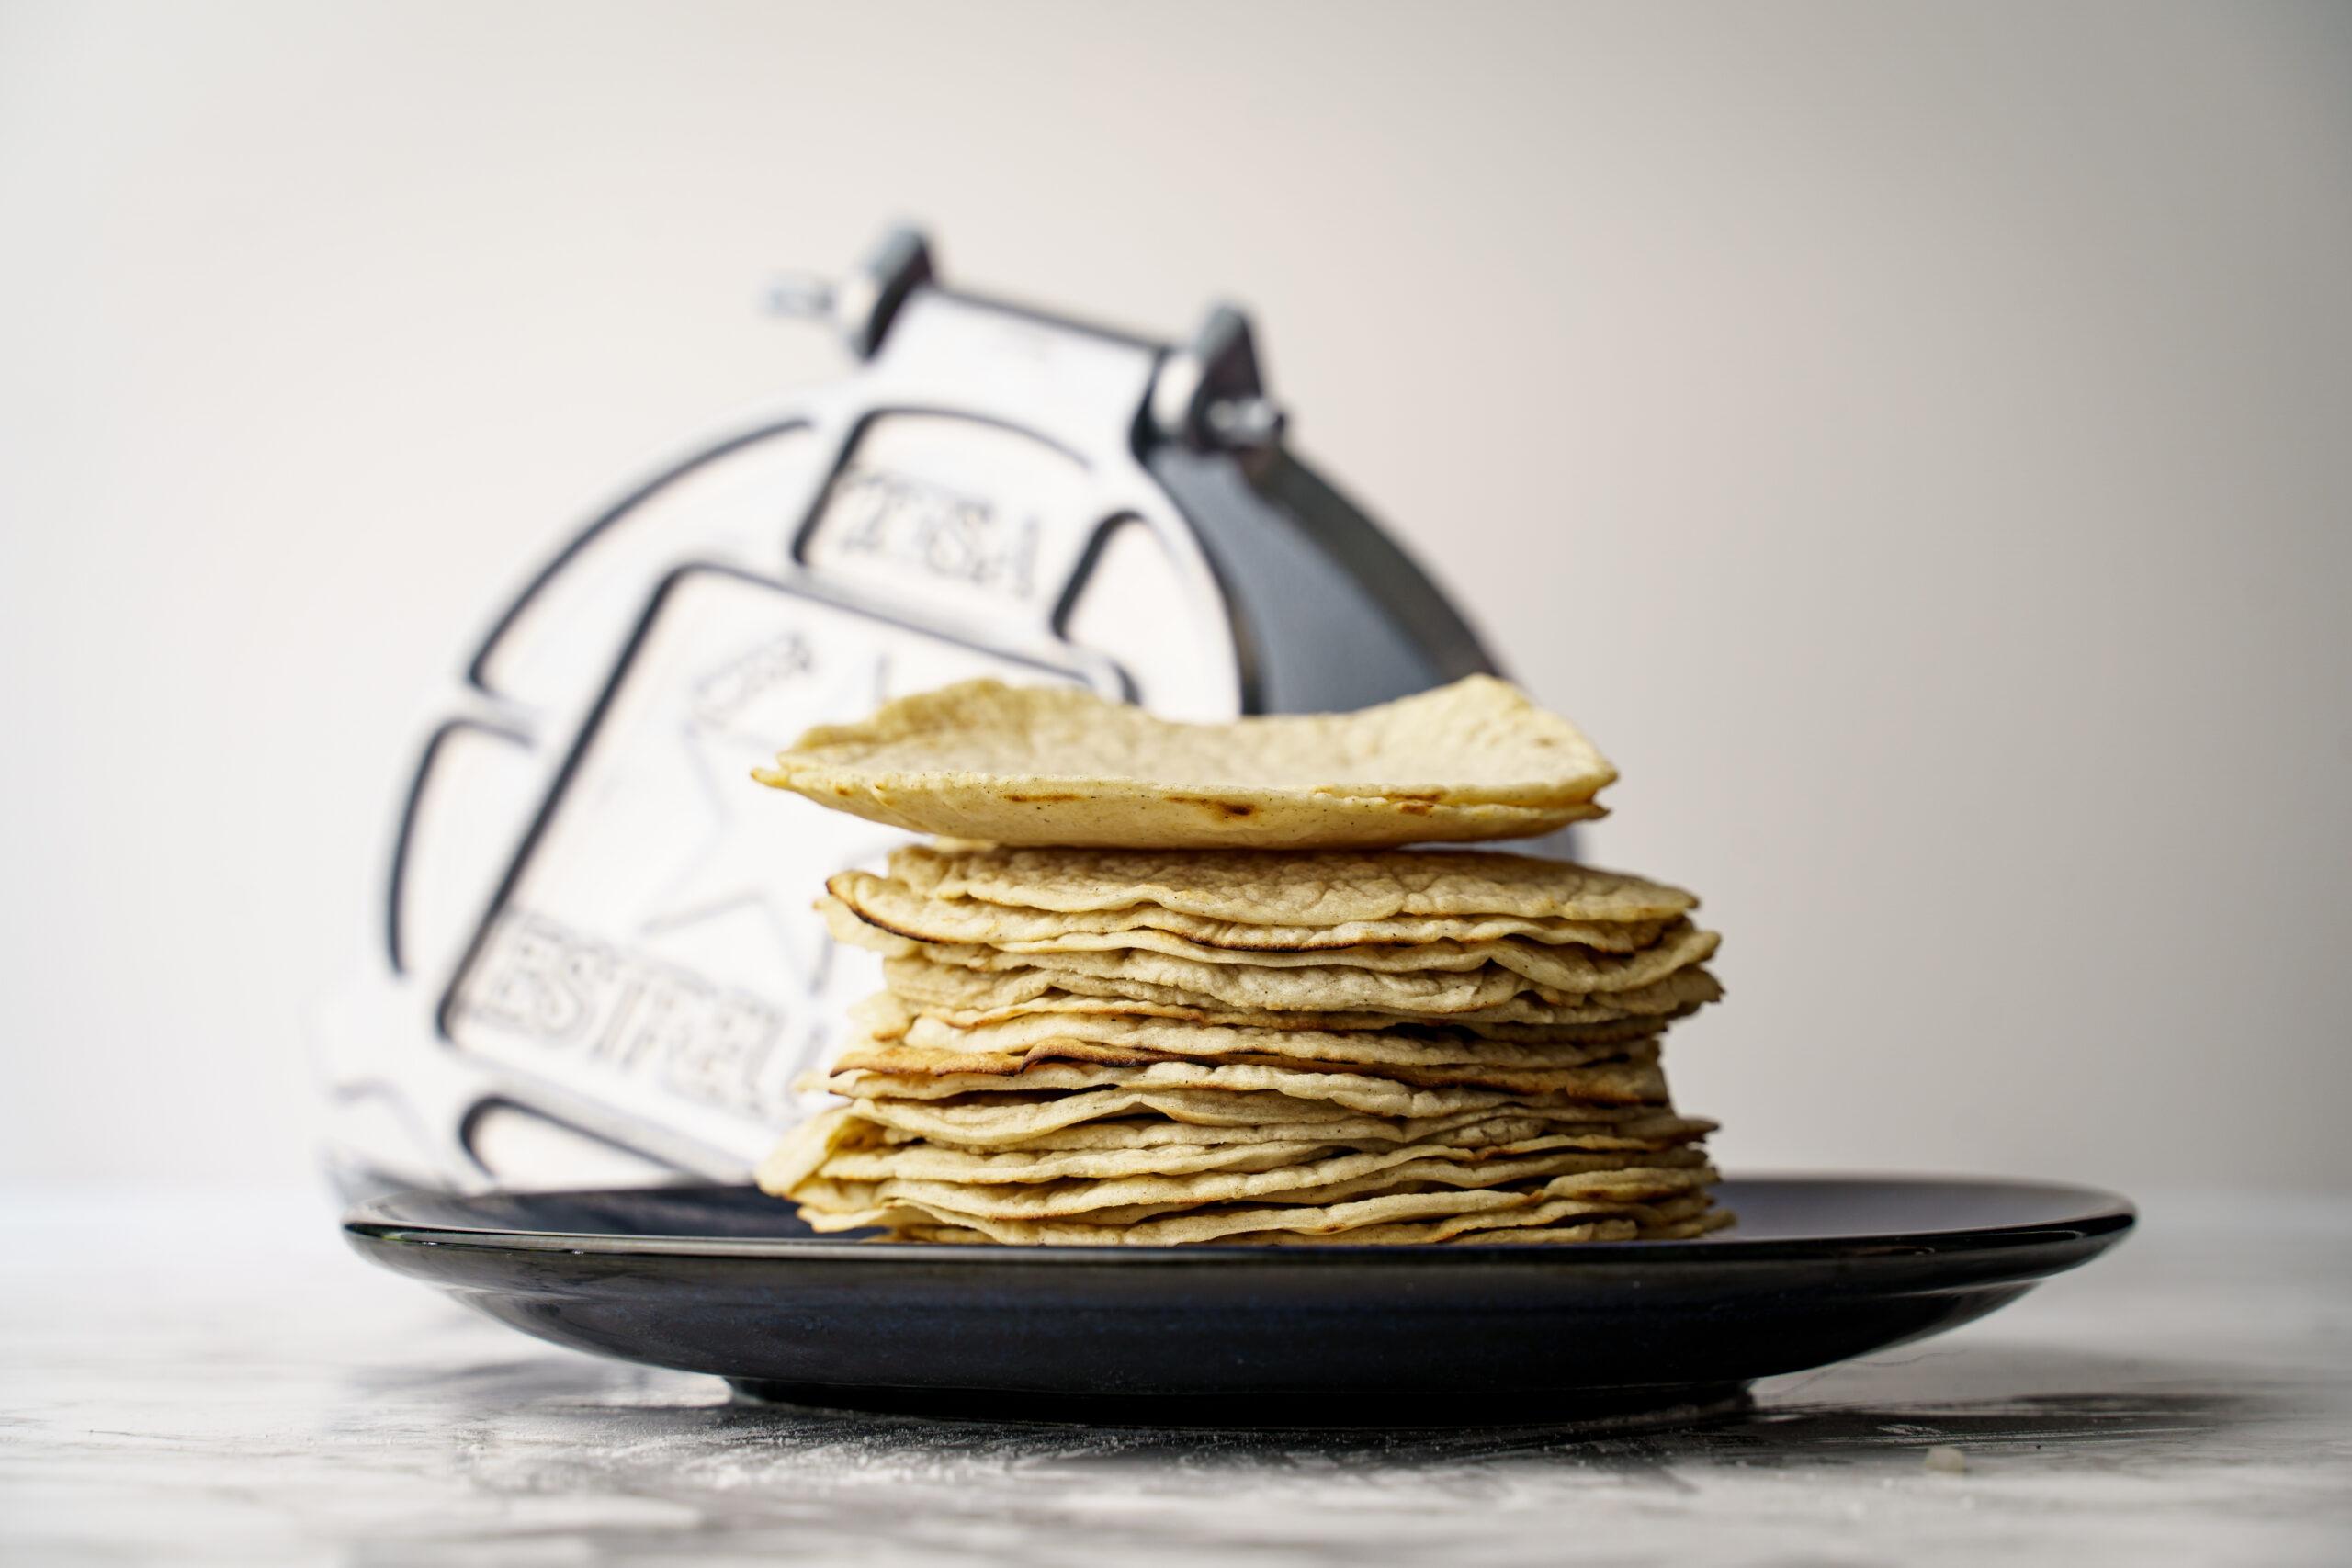 Het doel van de afbeelding is een beeld geven hoe de tortilla's eruit zien